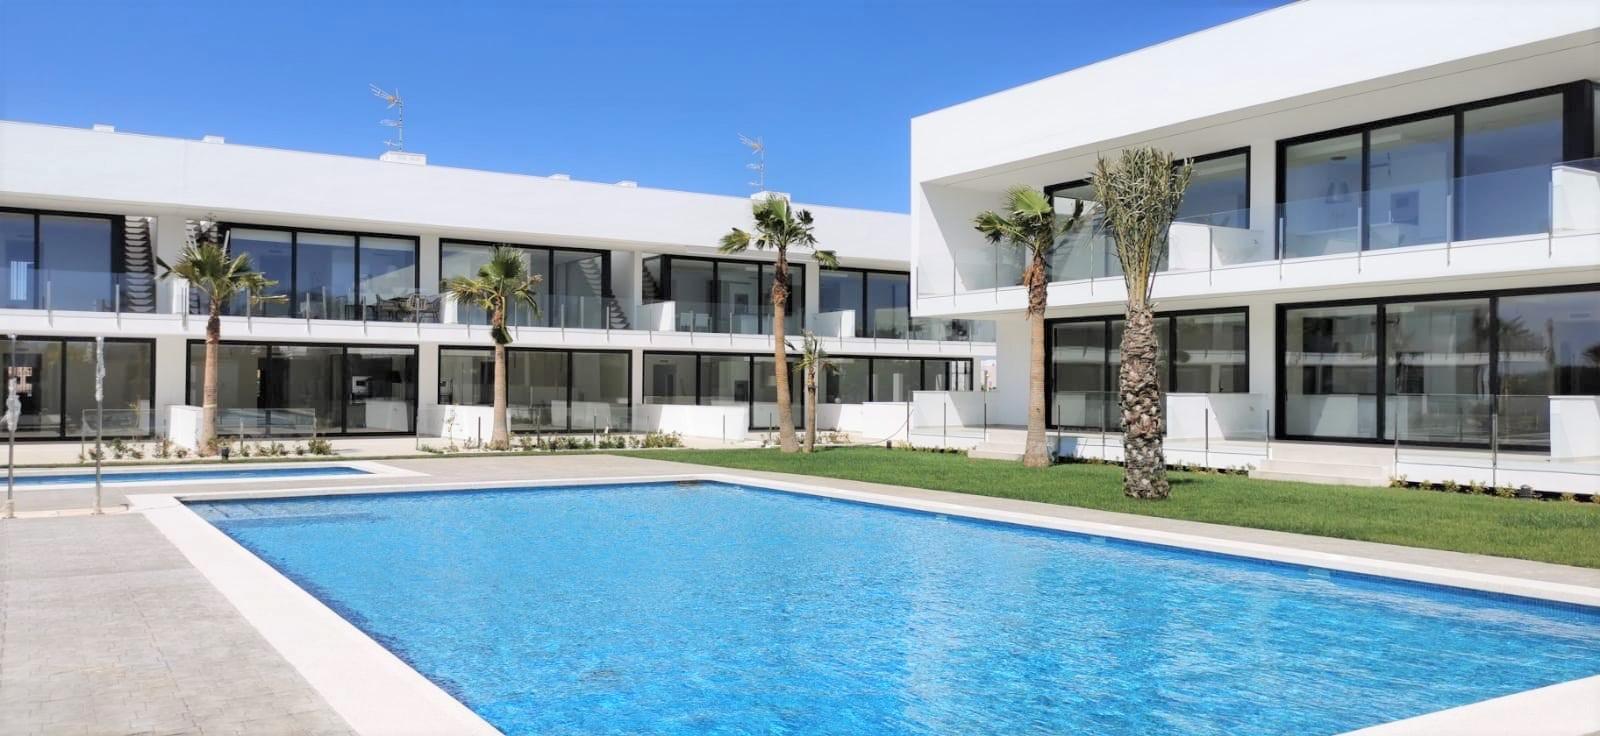 Antilia terrasser Nya lägenheter till salu Mar Menor